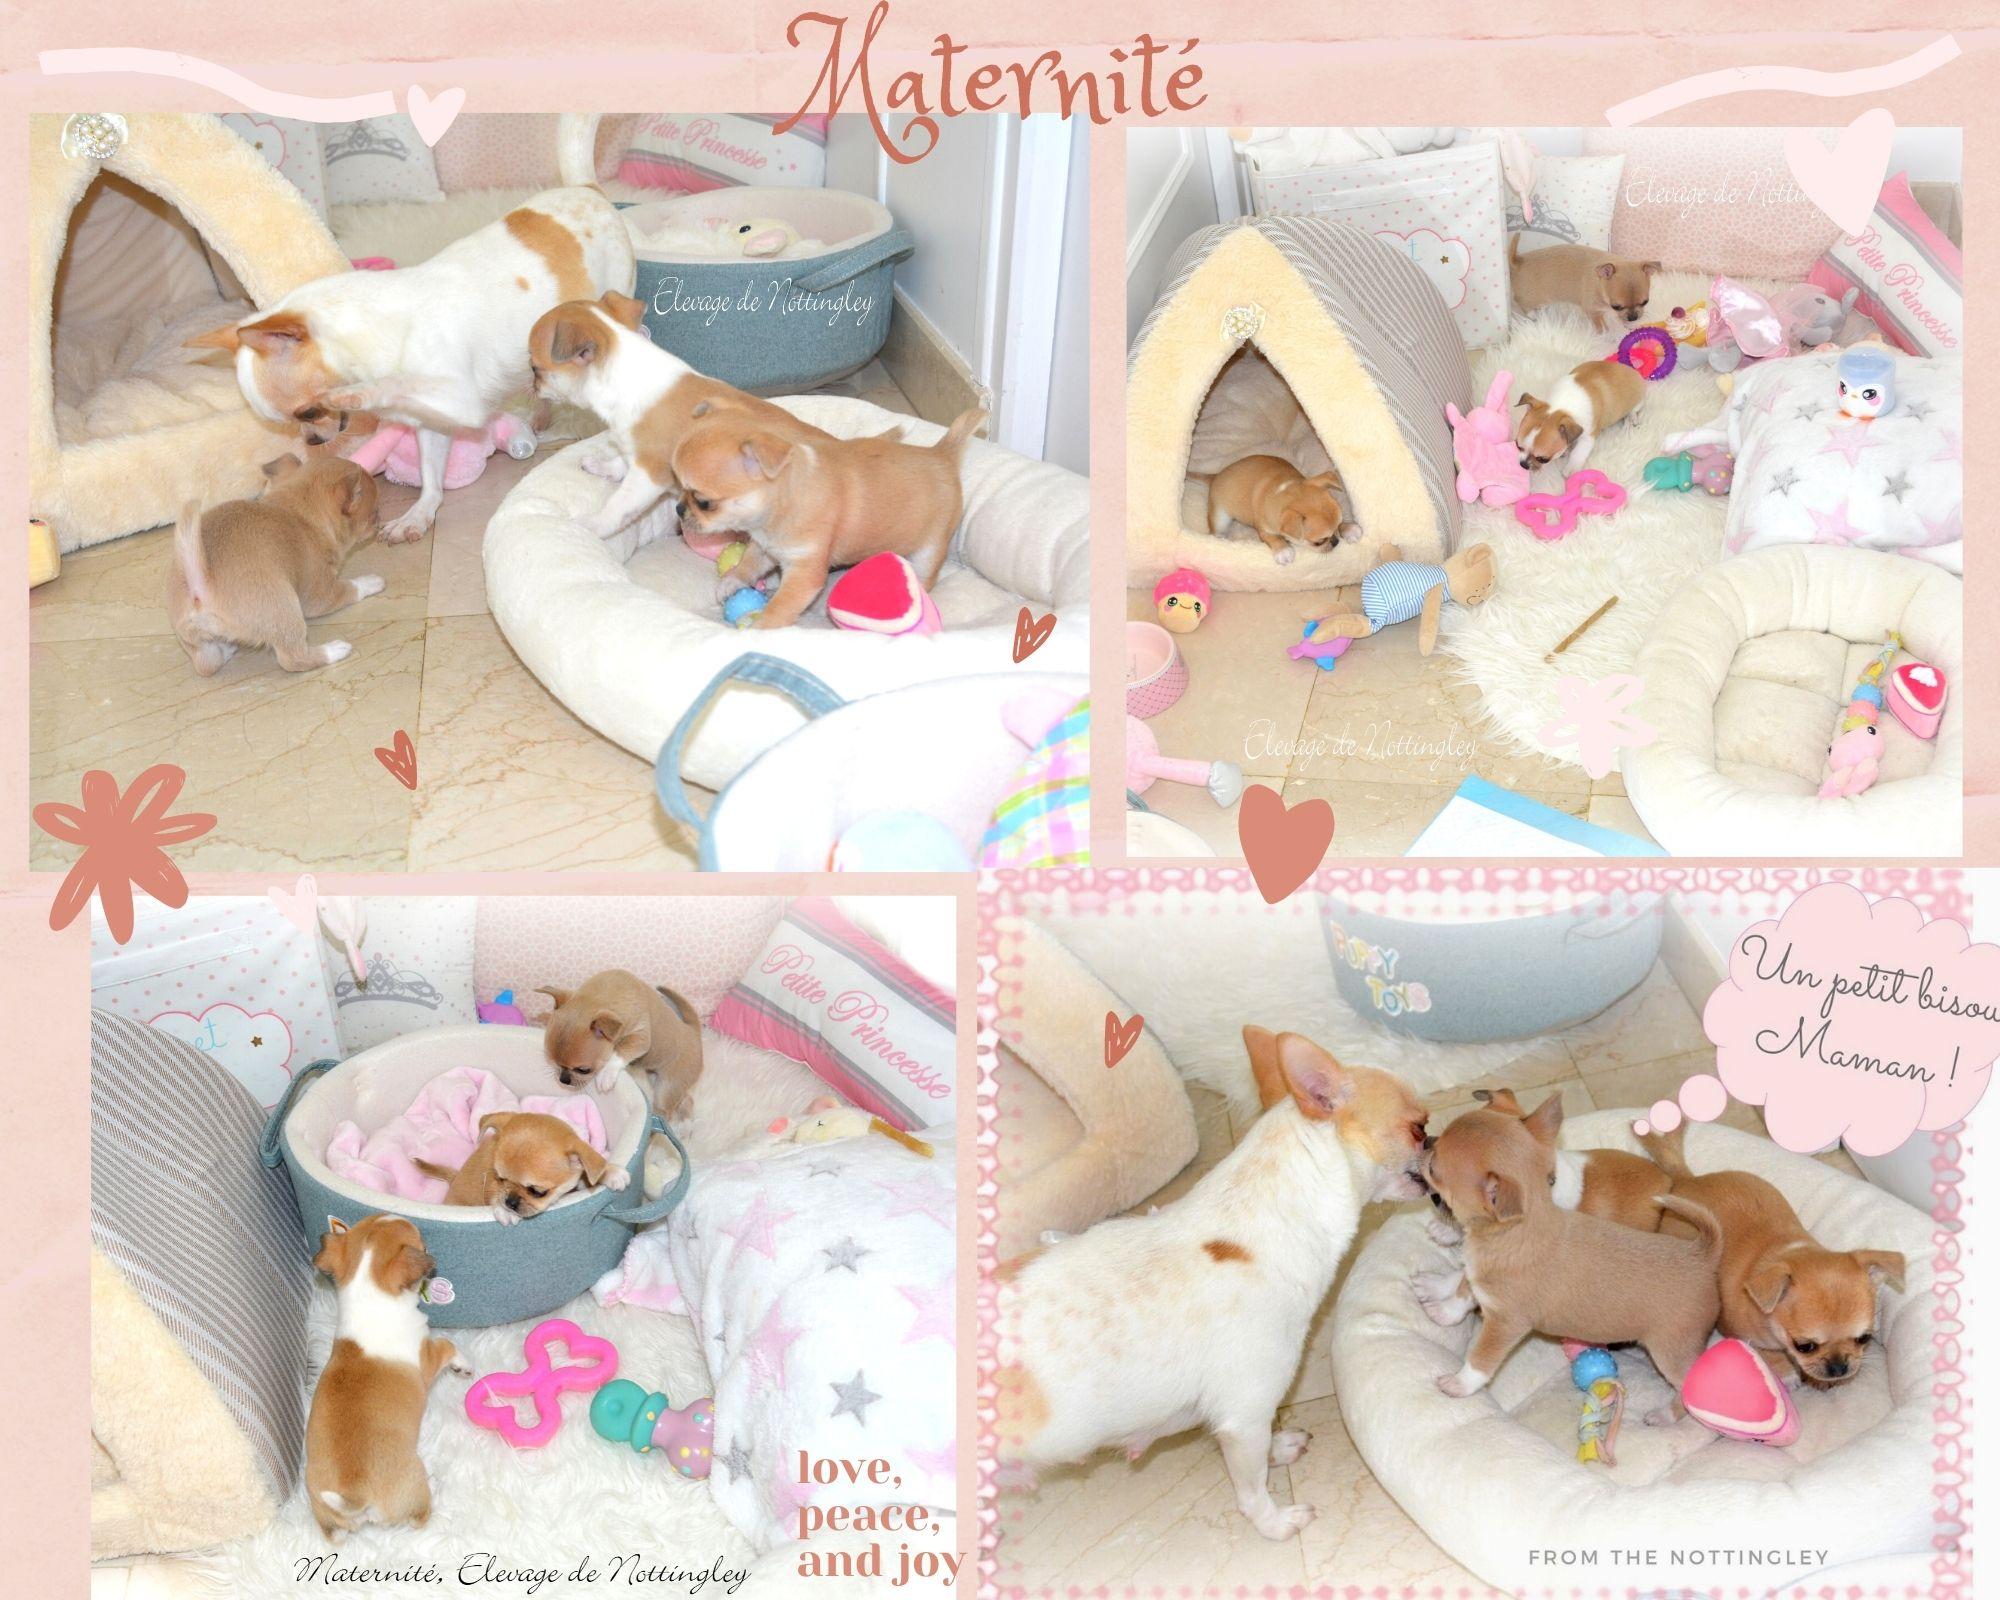 chiot chihuahua de nottingley en maternité du confort et beaucoup d'amour